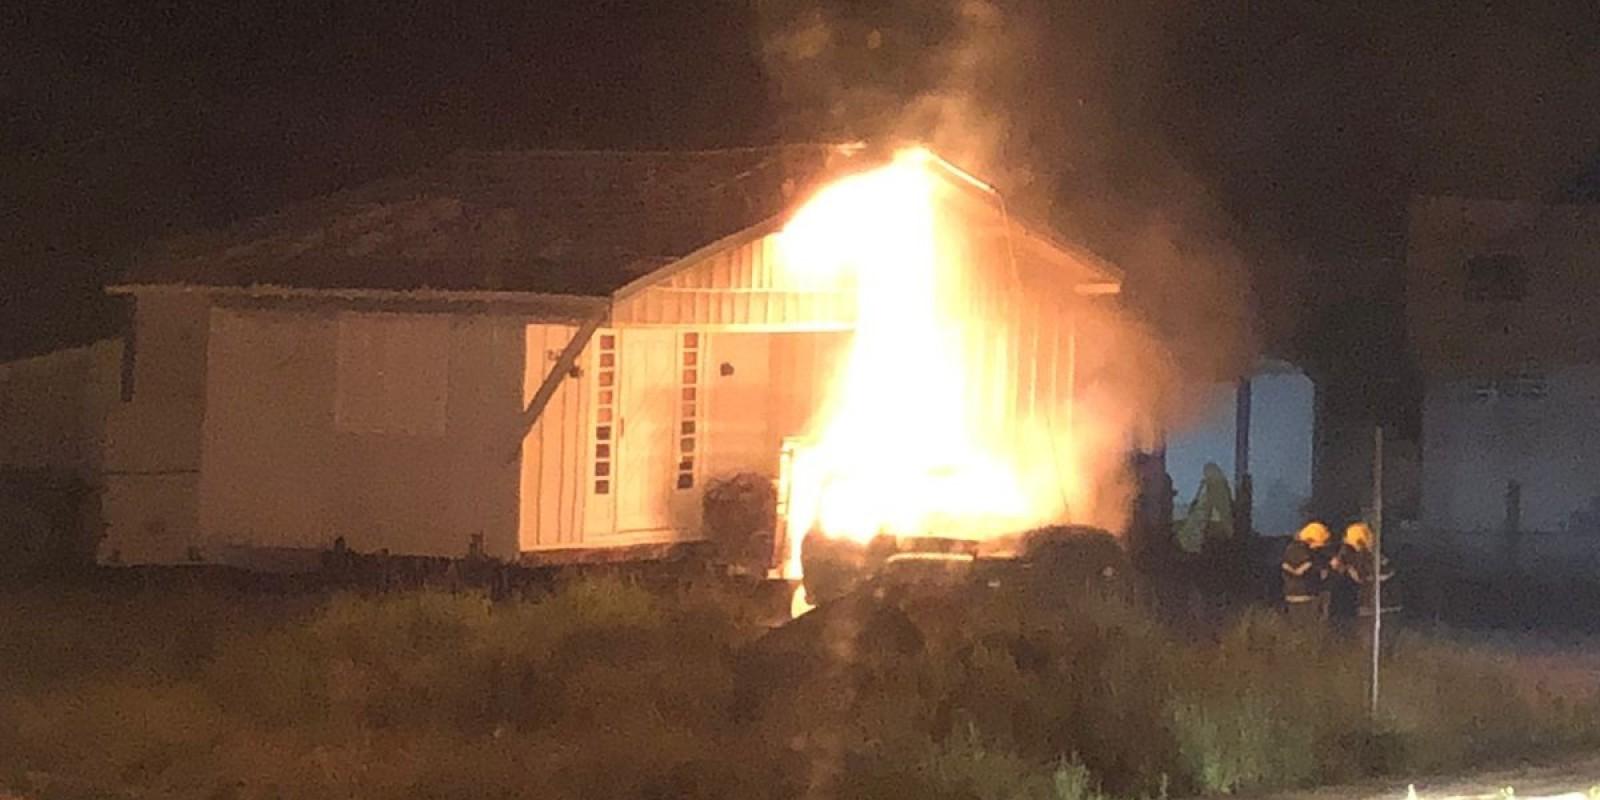 Incêndio destrói cabine de caminhão com casa na carroceria